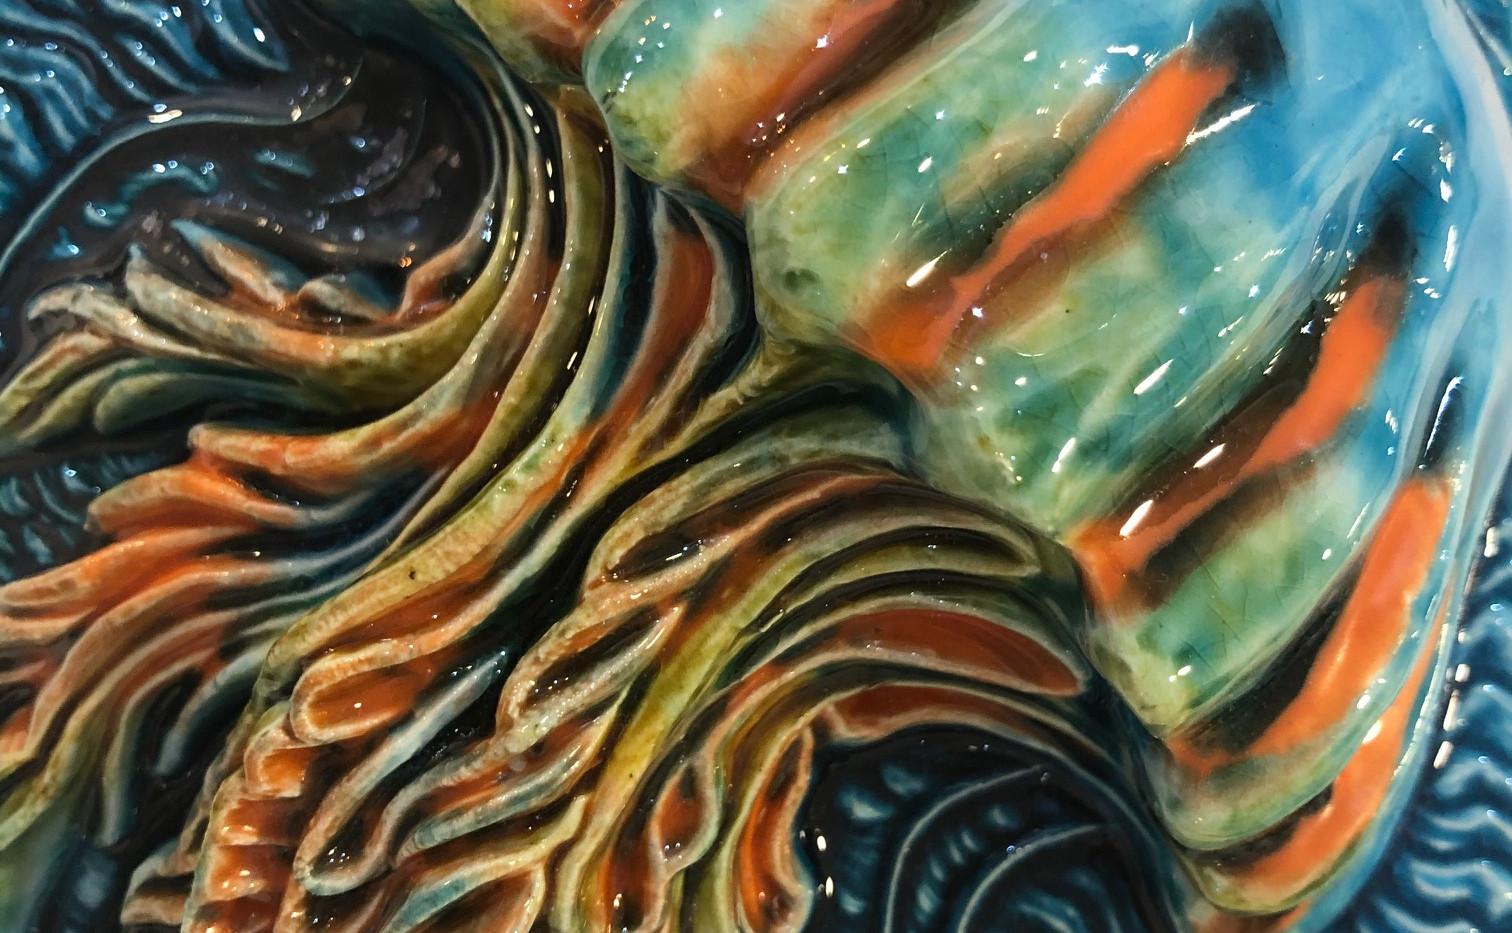 tile. Azulejos. Jellyfish. Maria #3